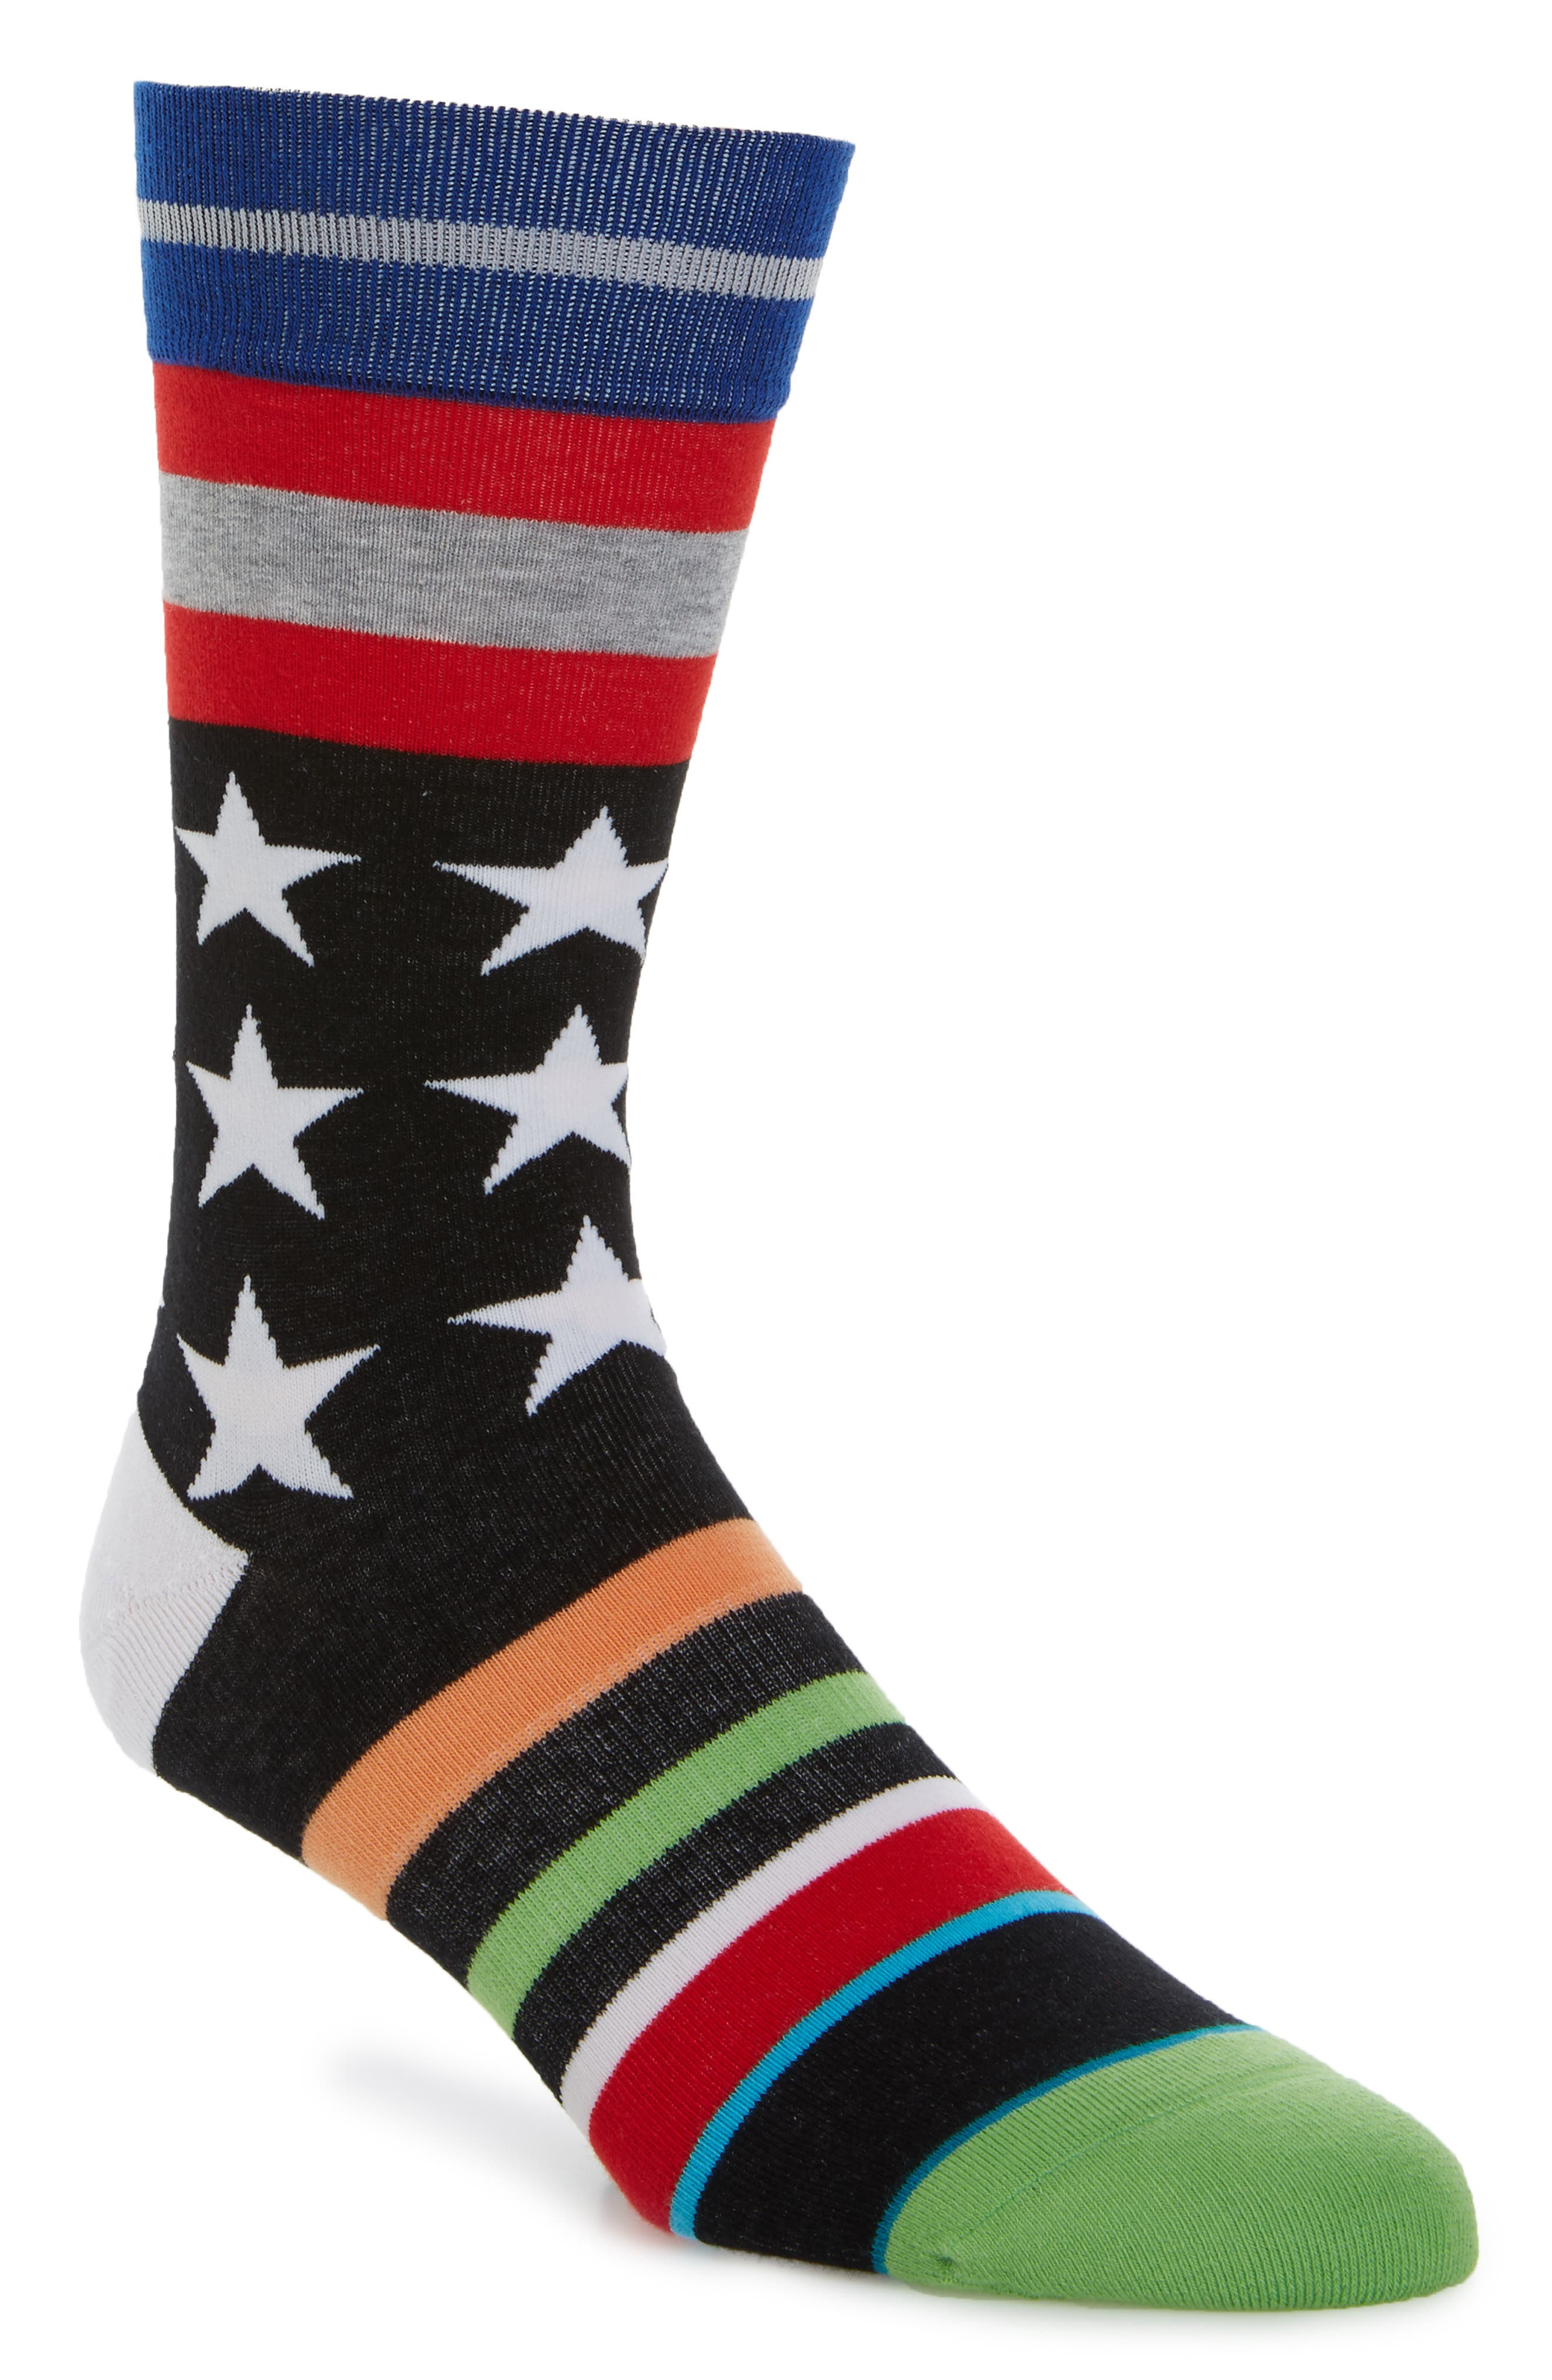 Main Image - Stance Harden Salute Socks